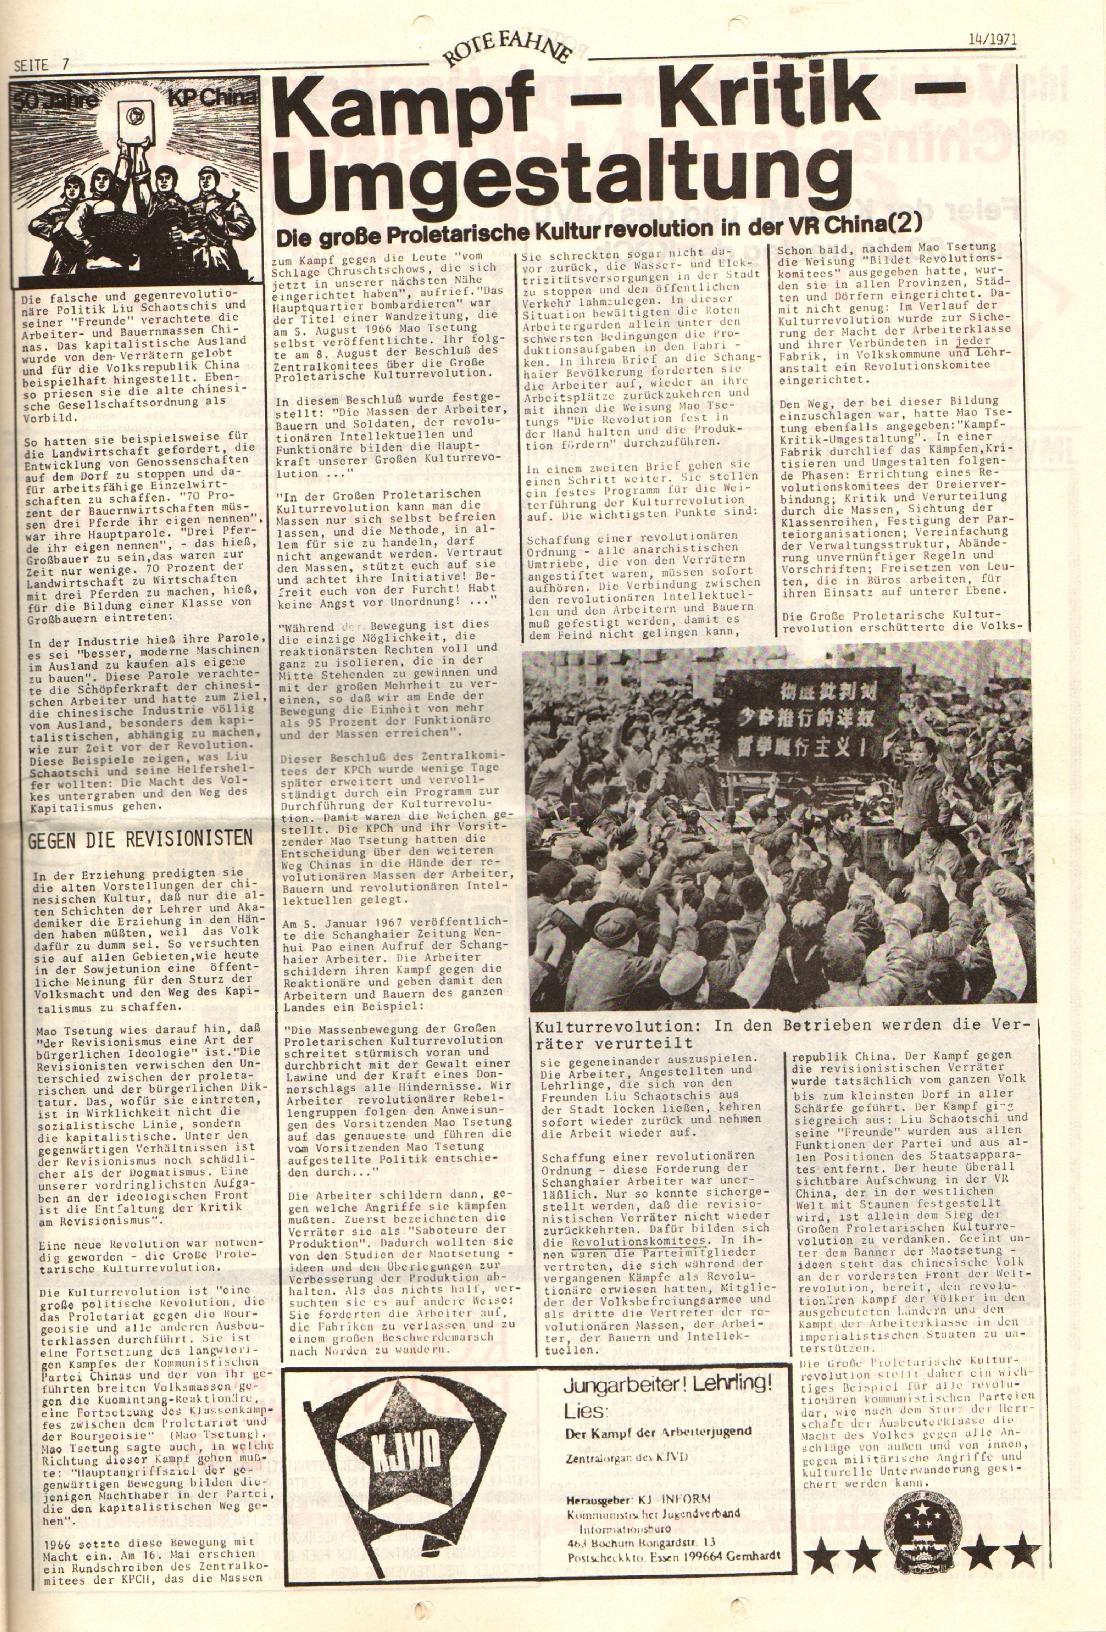 Rote Fahne, 2. Jg., 19.7.1971, Nr. 14, Seite 7